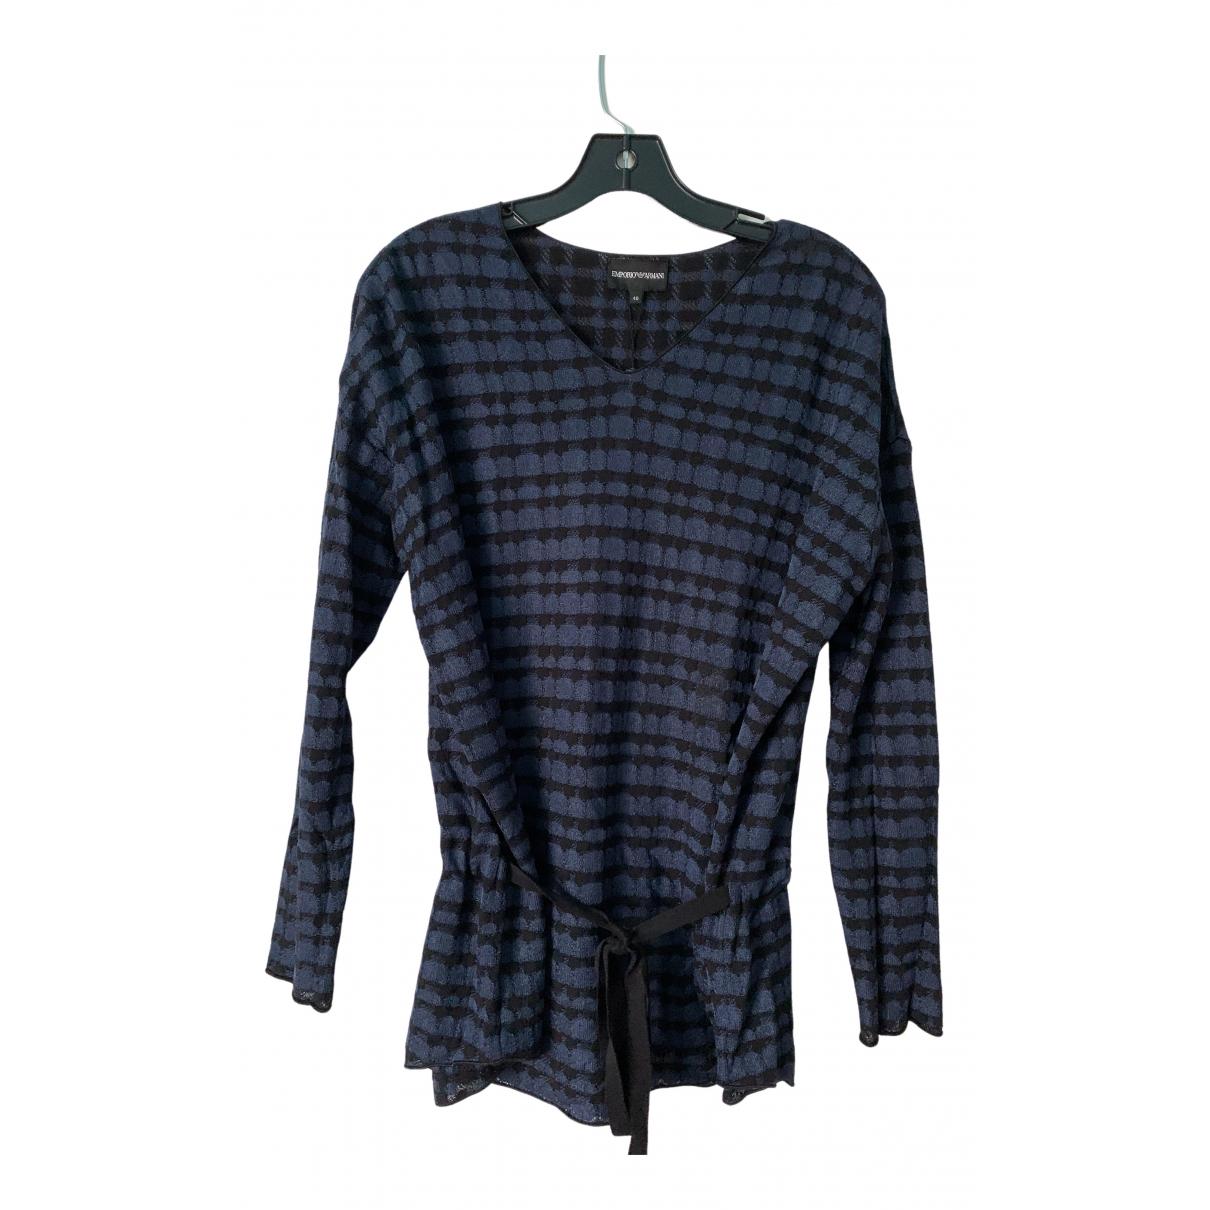 Emporio Armani N Navy Knitwear for Women 40 IT